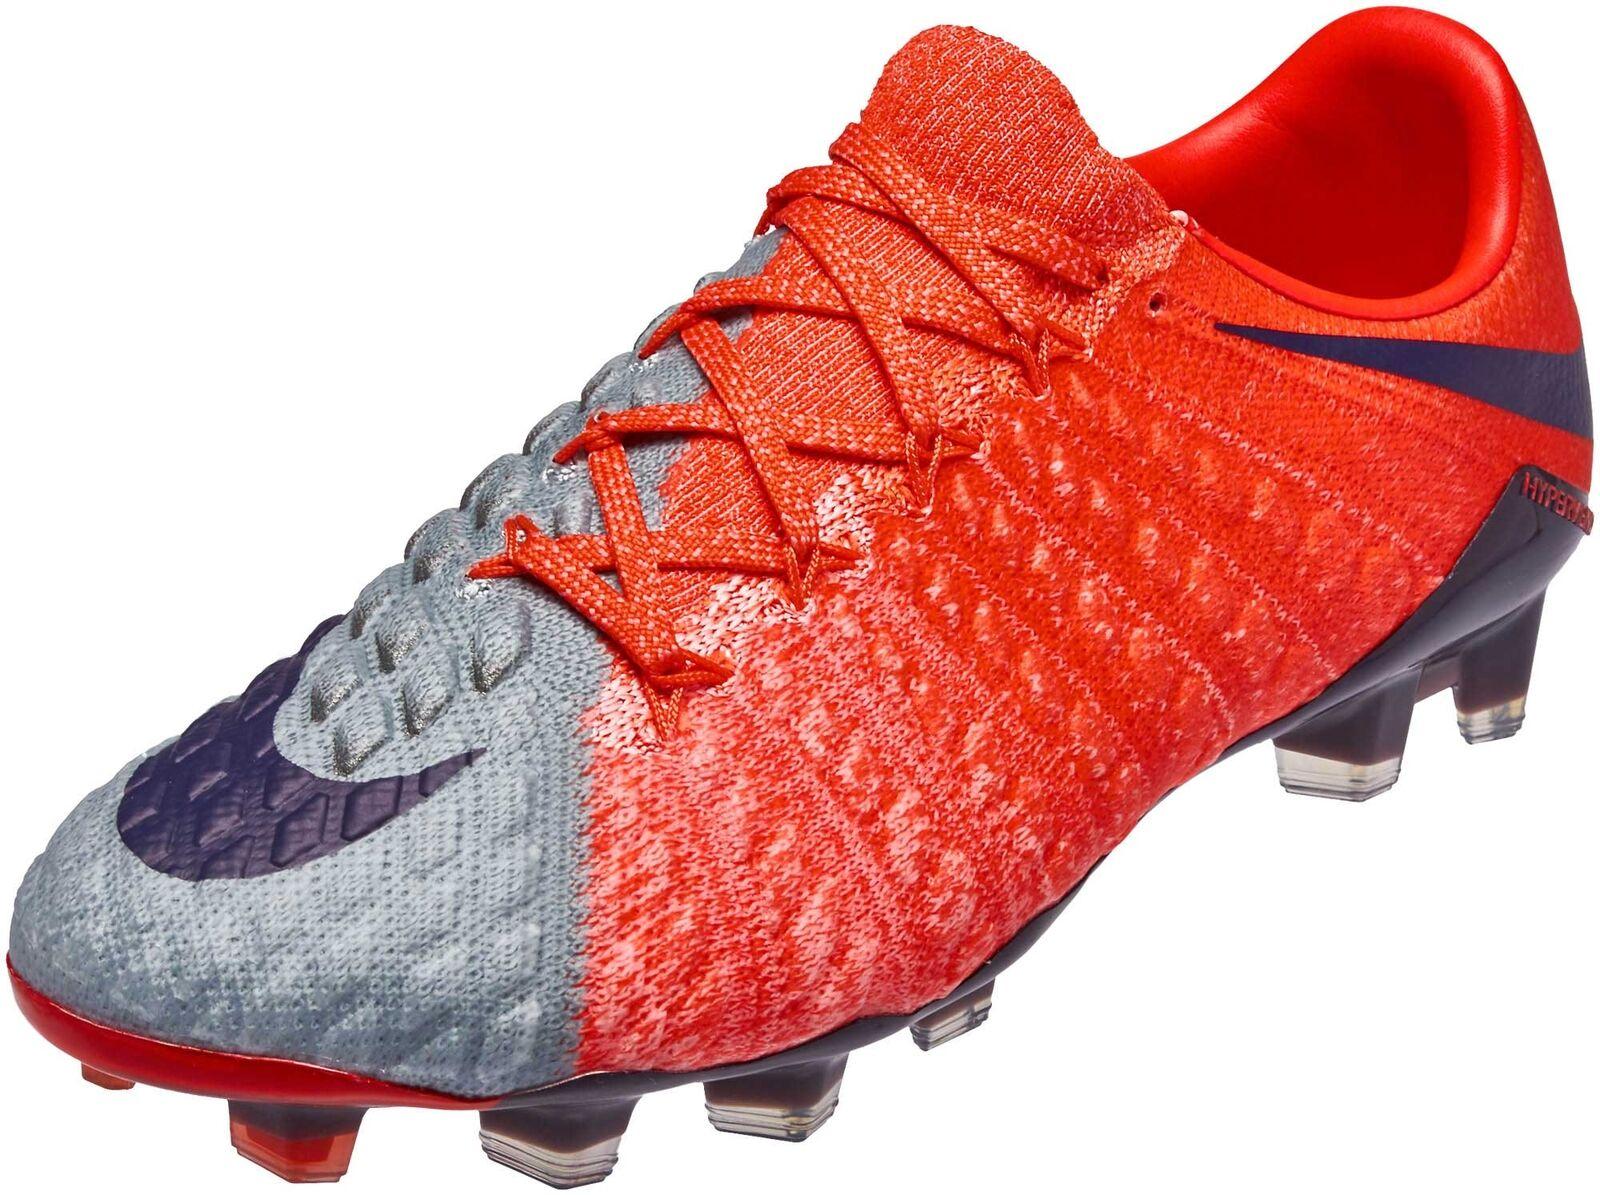 Nike scarpe air entertrainer scarpe Nike da uomo palestra red / vela 819854 600 nuovi!la libera navigazione! fe7a4c